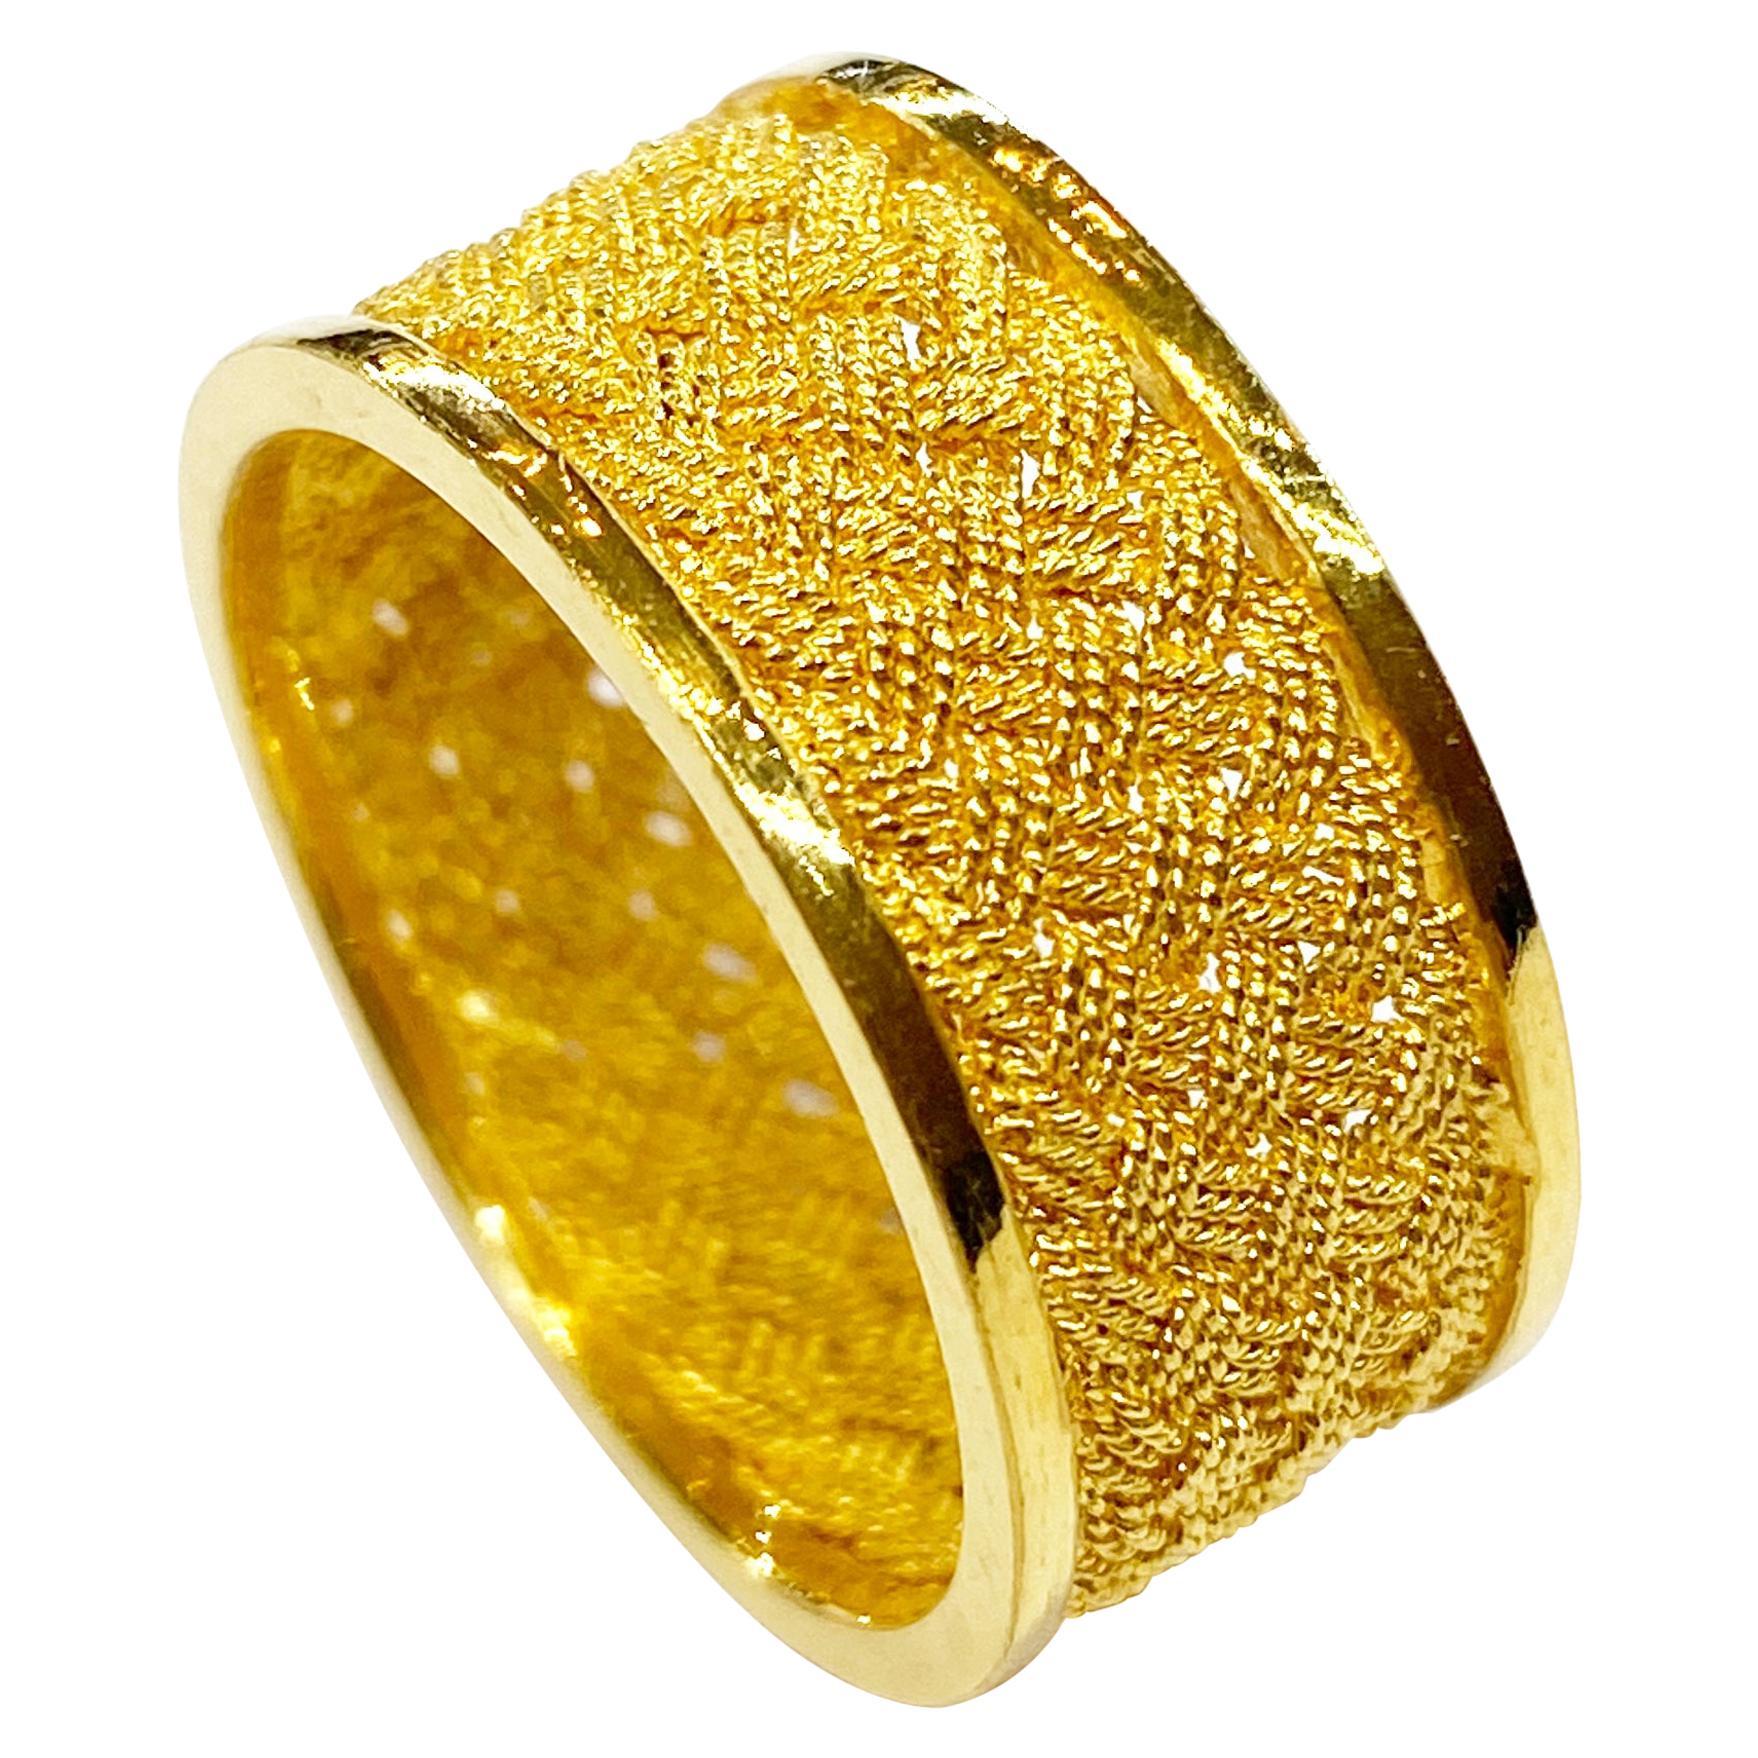 22 Karat Yellow Gold Ring